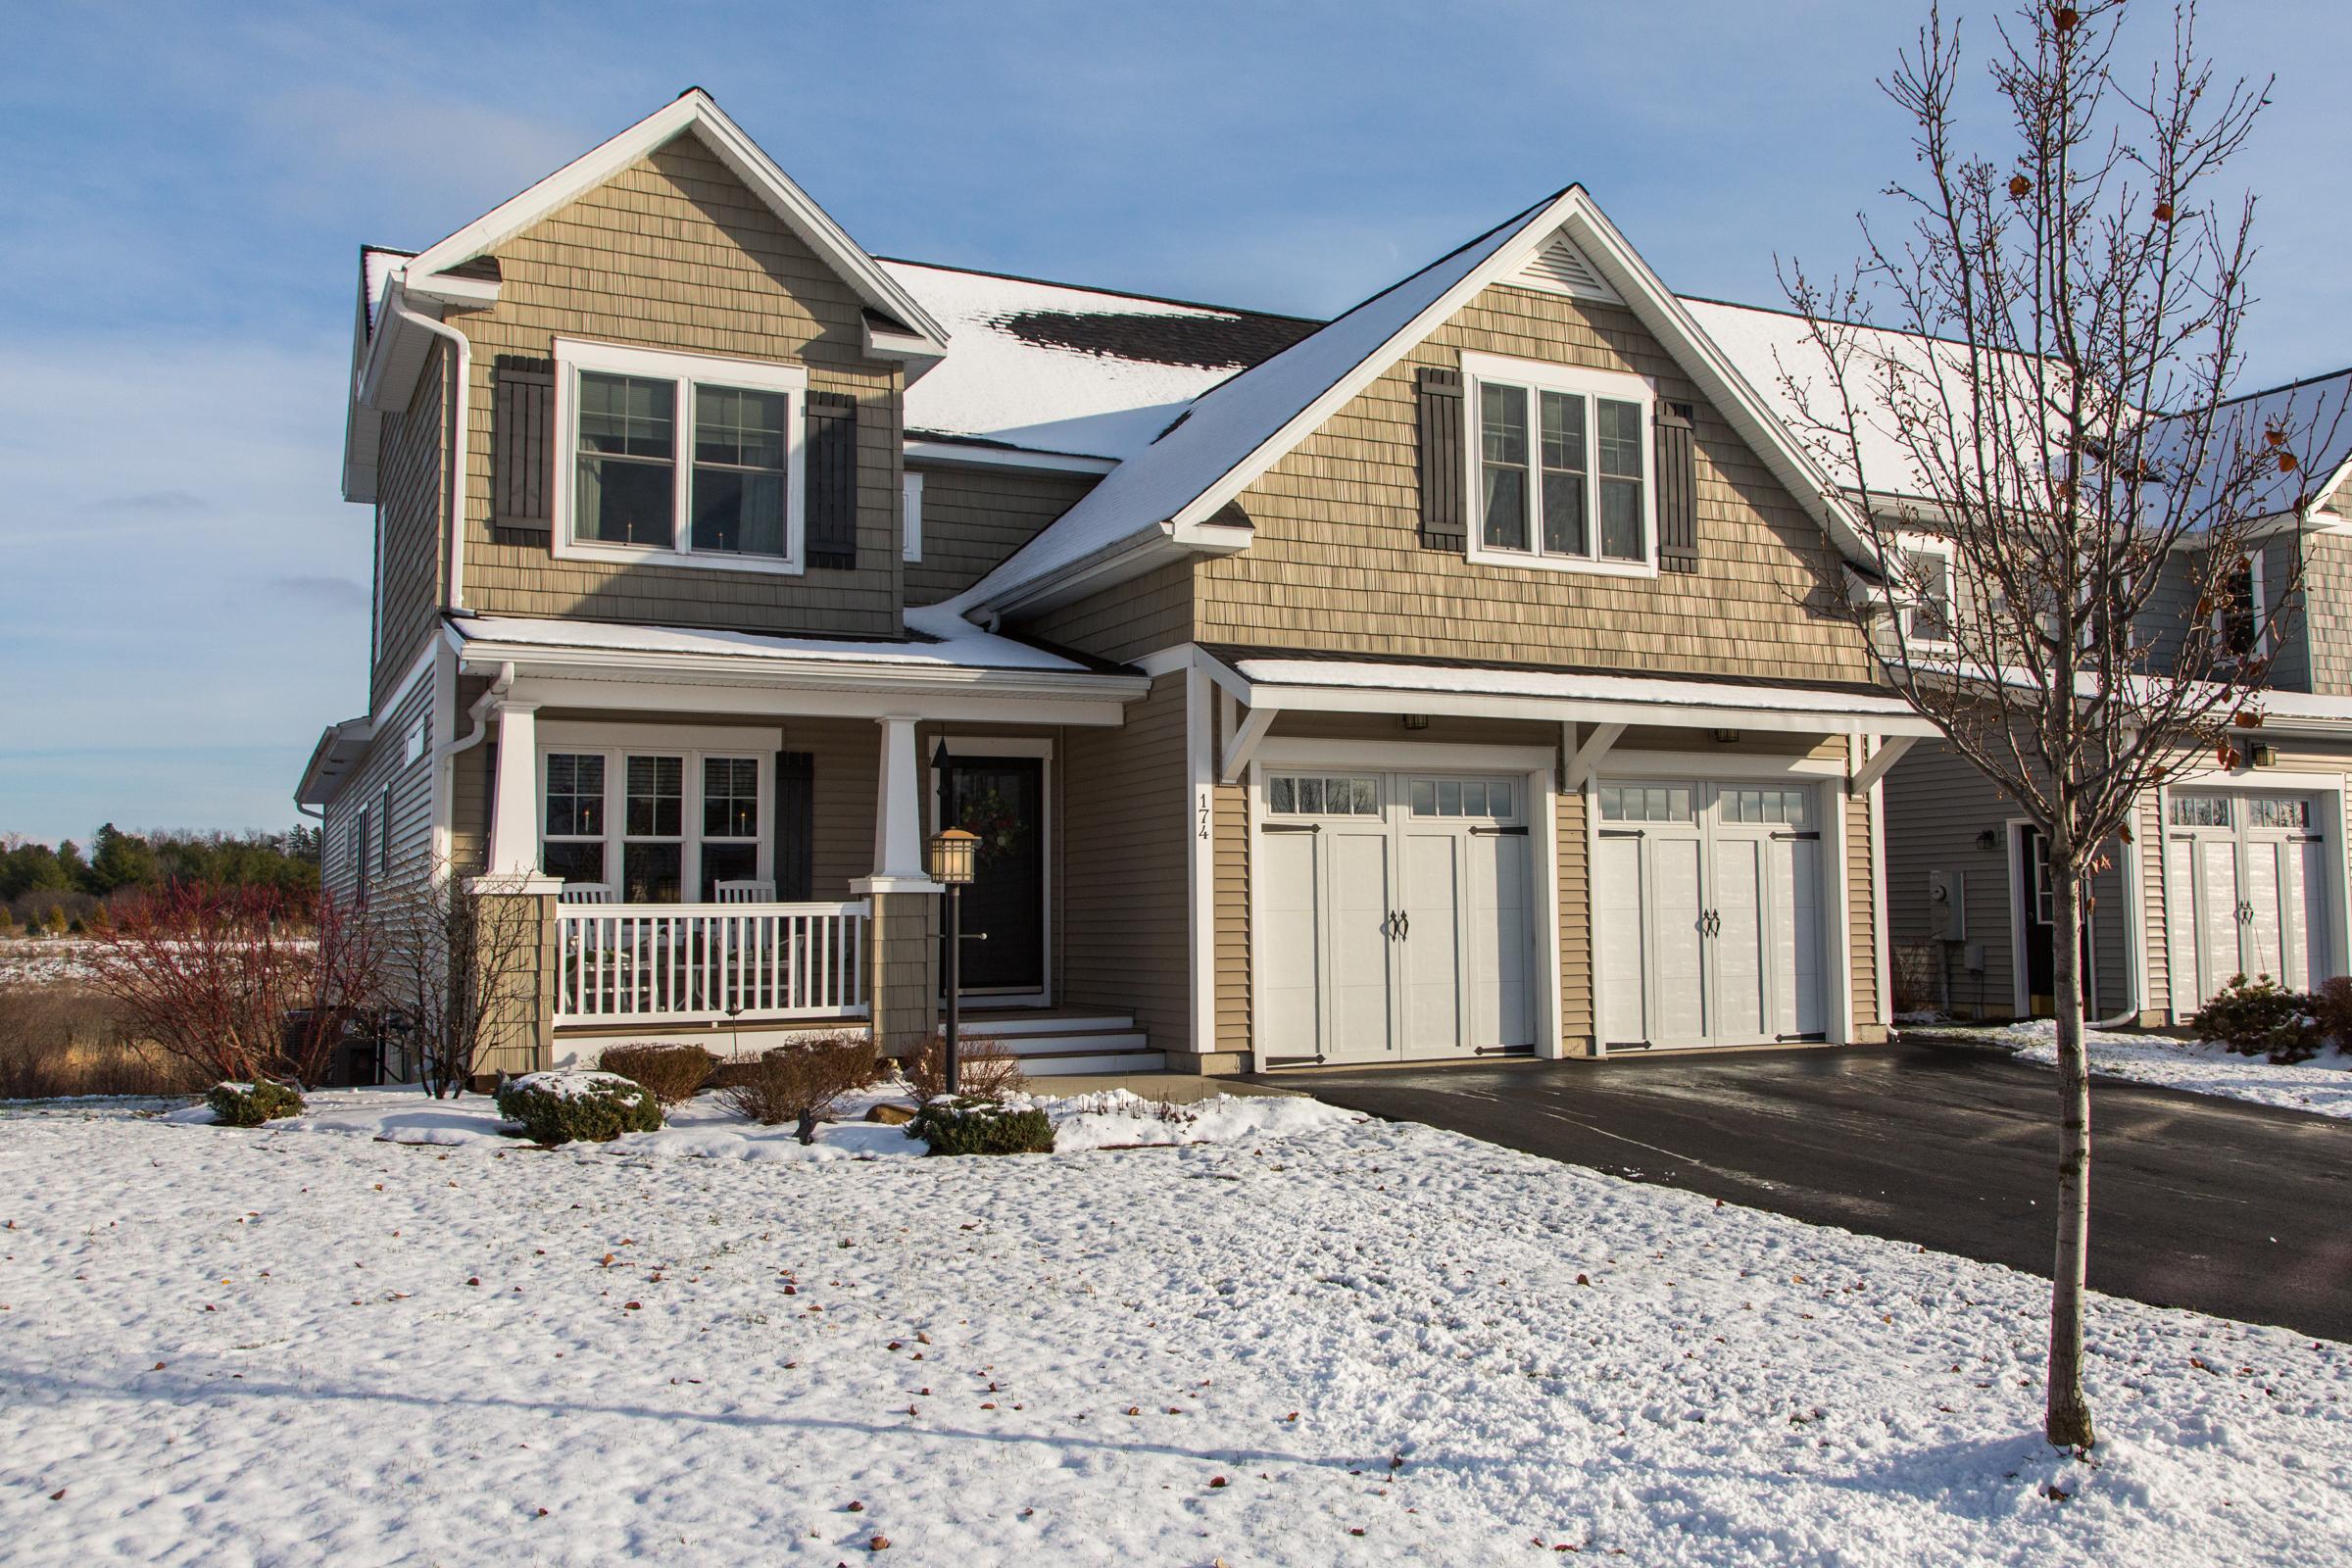 Частный односемейный дом для того Продажа на 174 Braeburn 14B, South Burlington South Burlington, Вермонт 05403 Соединенные Штаты